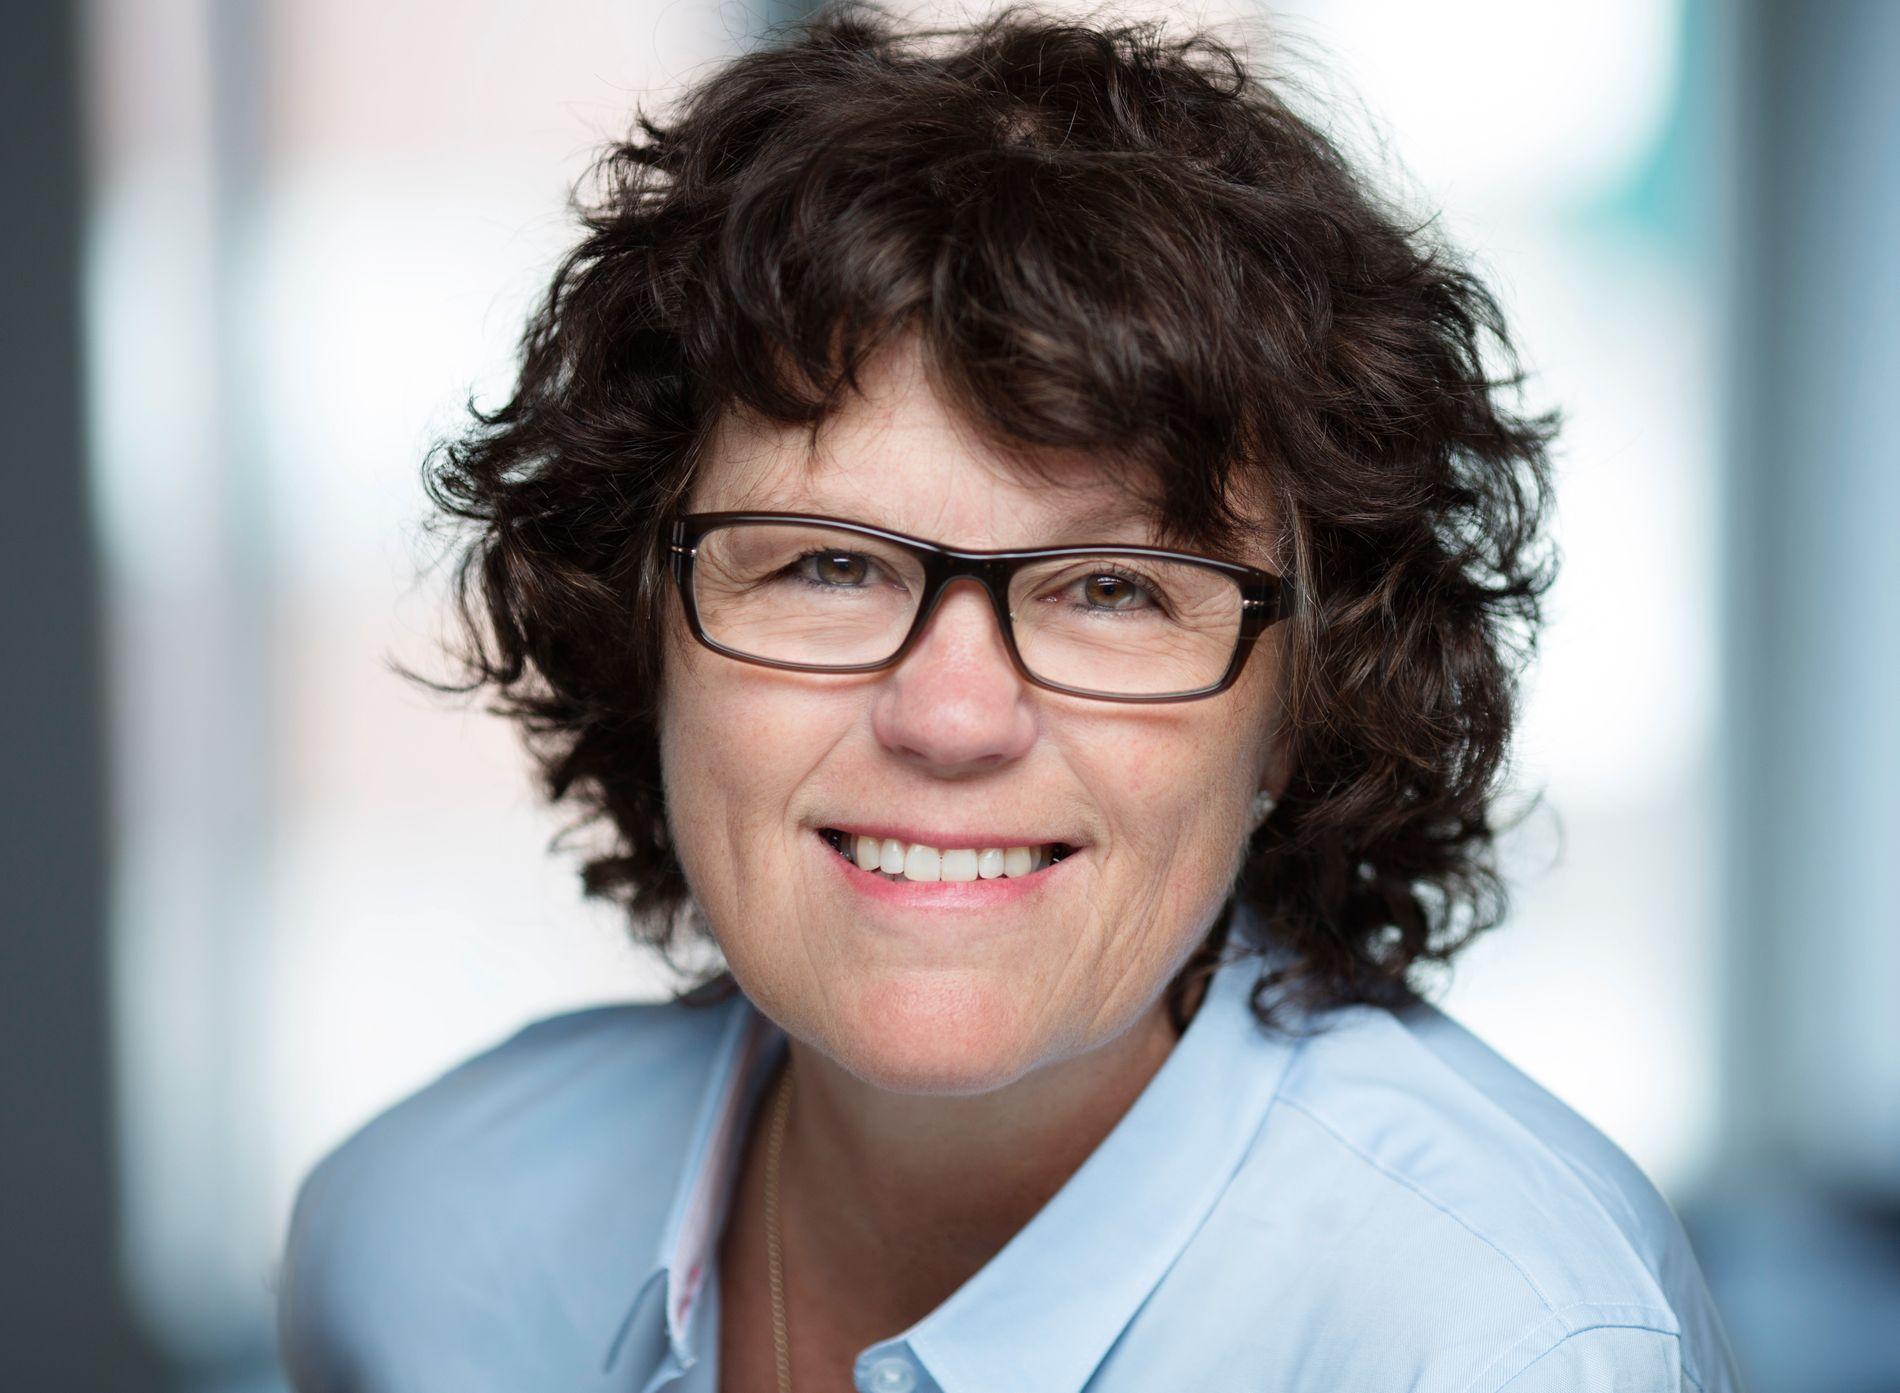 Anne Holt Reihenfolge